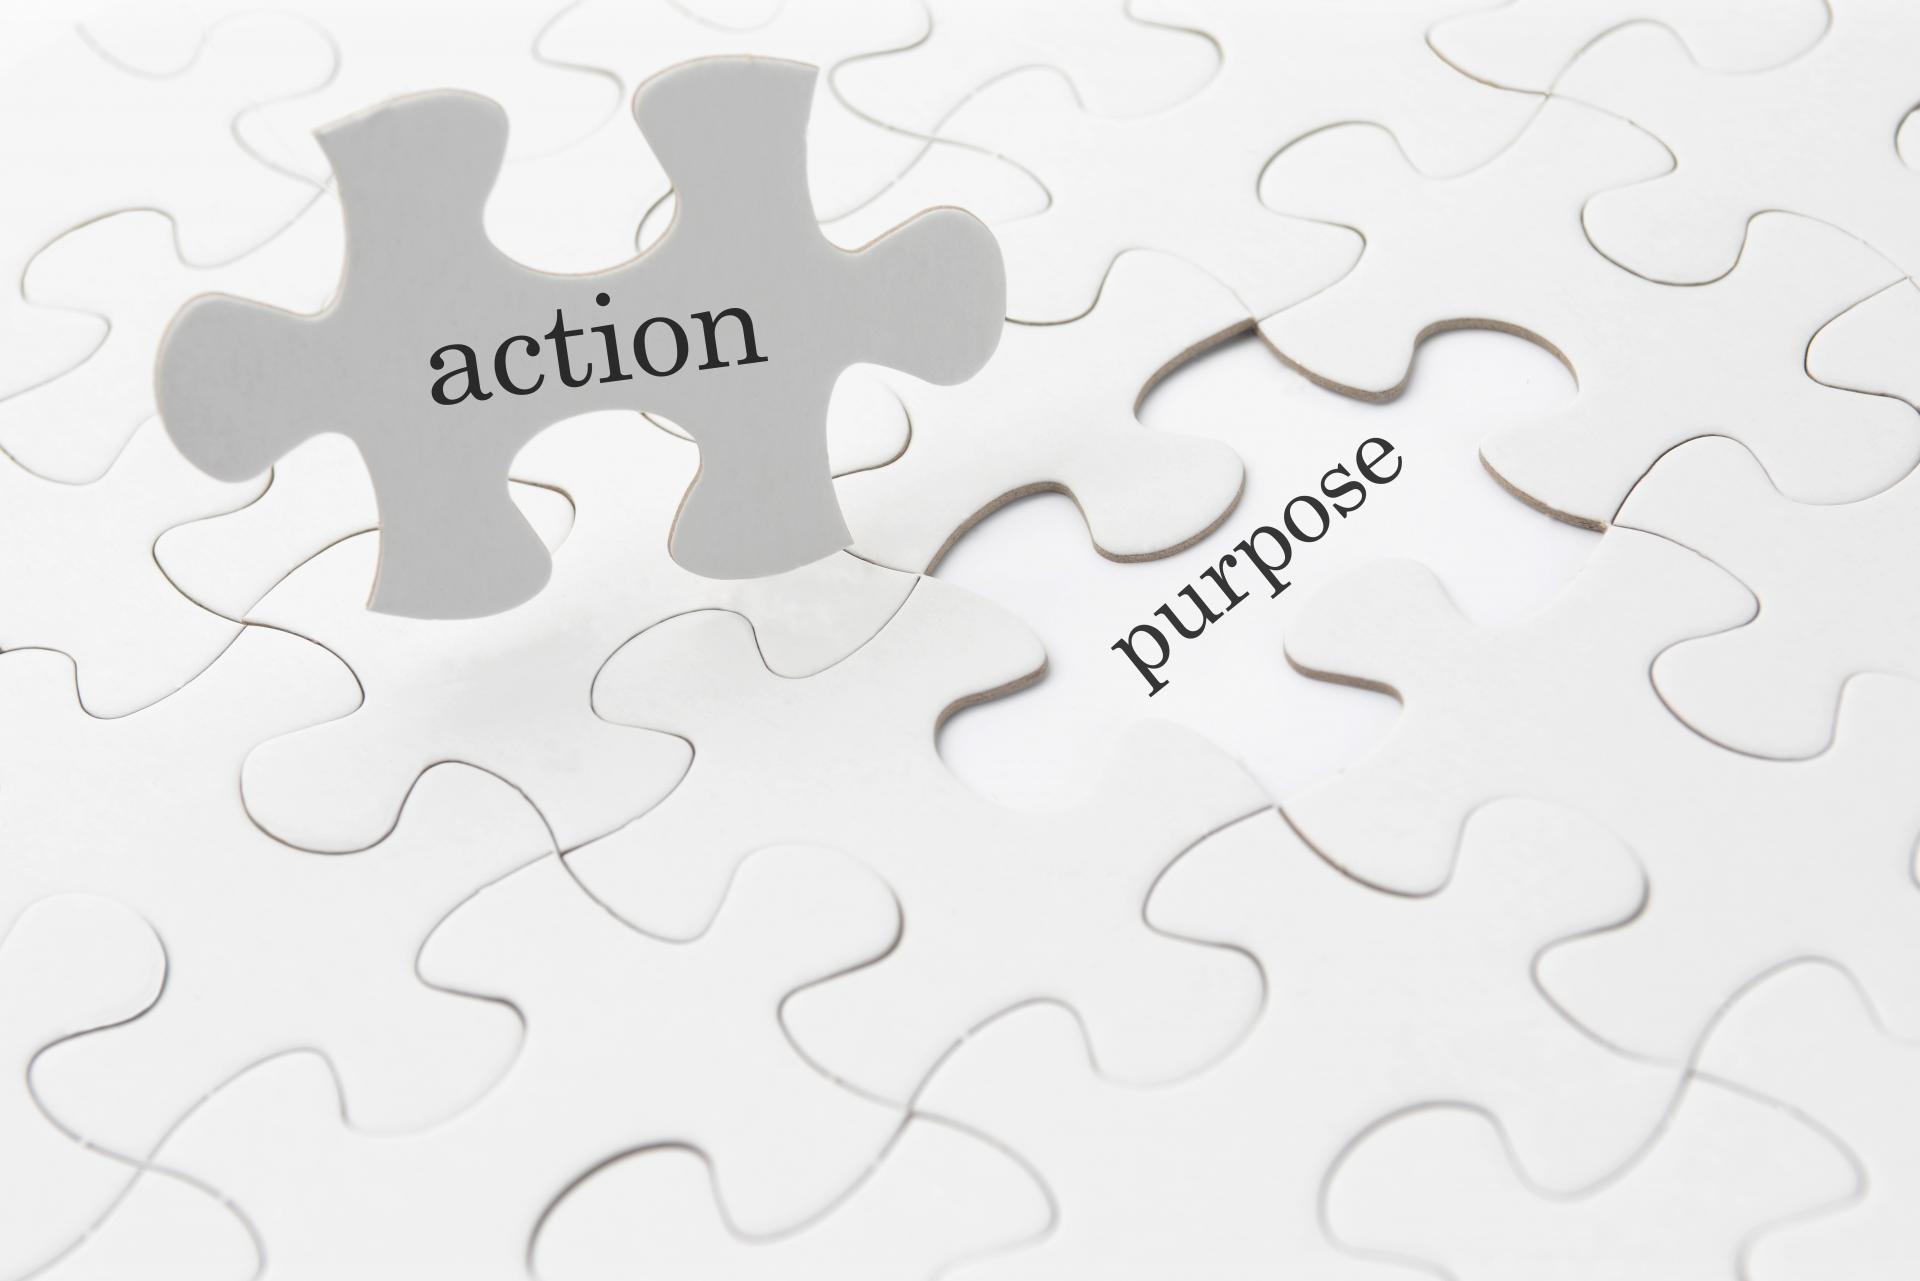 結果を出すためのアクションプランの立て方「営業版アクションプラン考」結果を出すためのアクションプランの立て方「営業版アクションプラン考」_目的